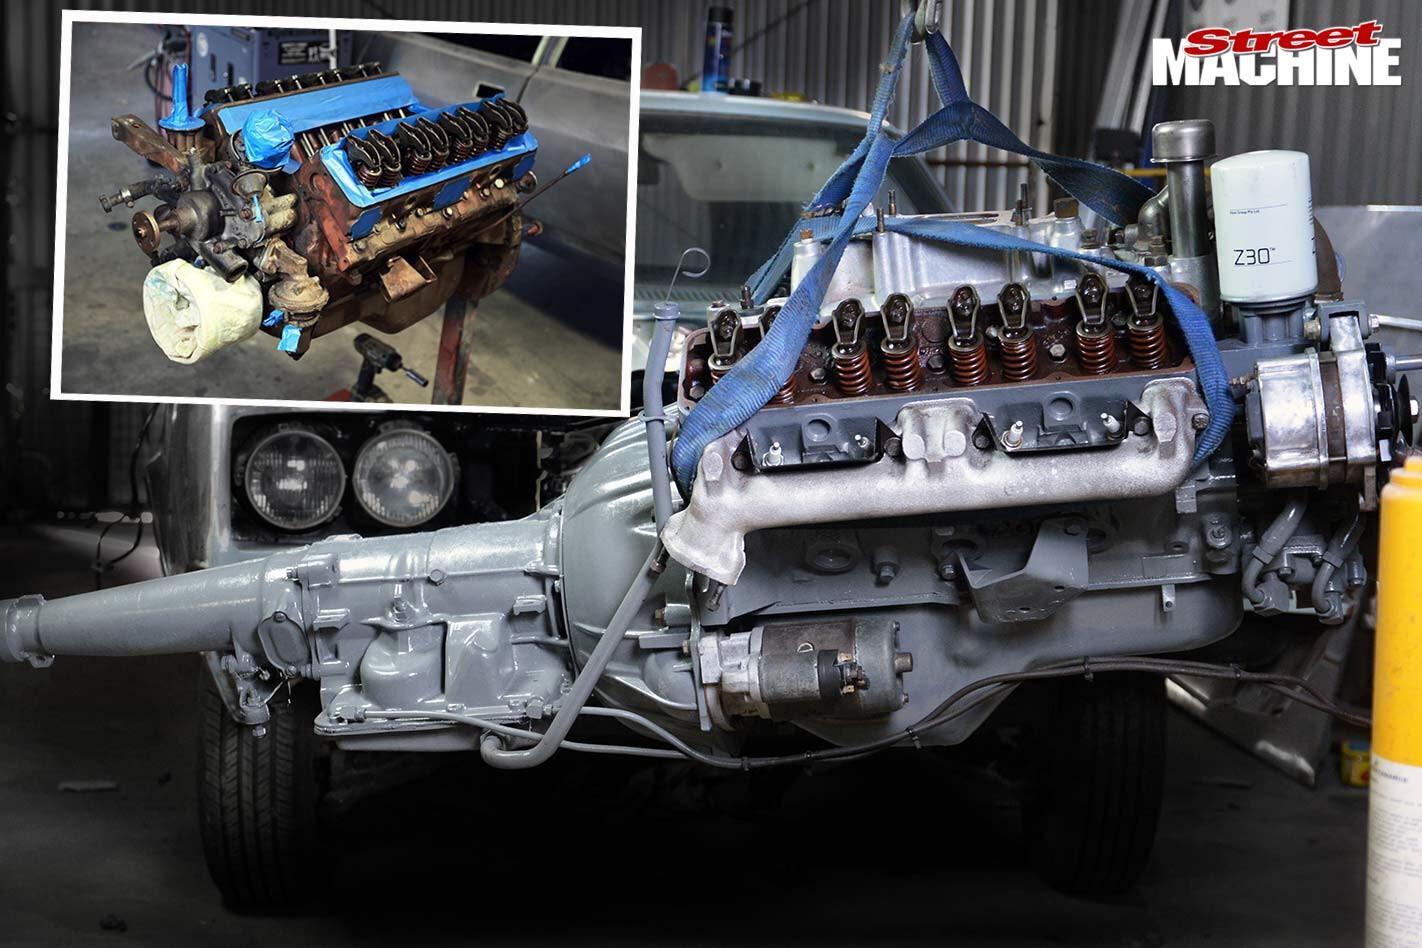 engine bay overhaul